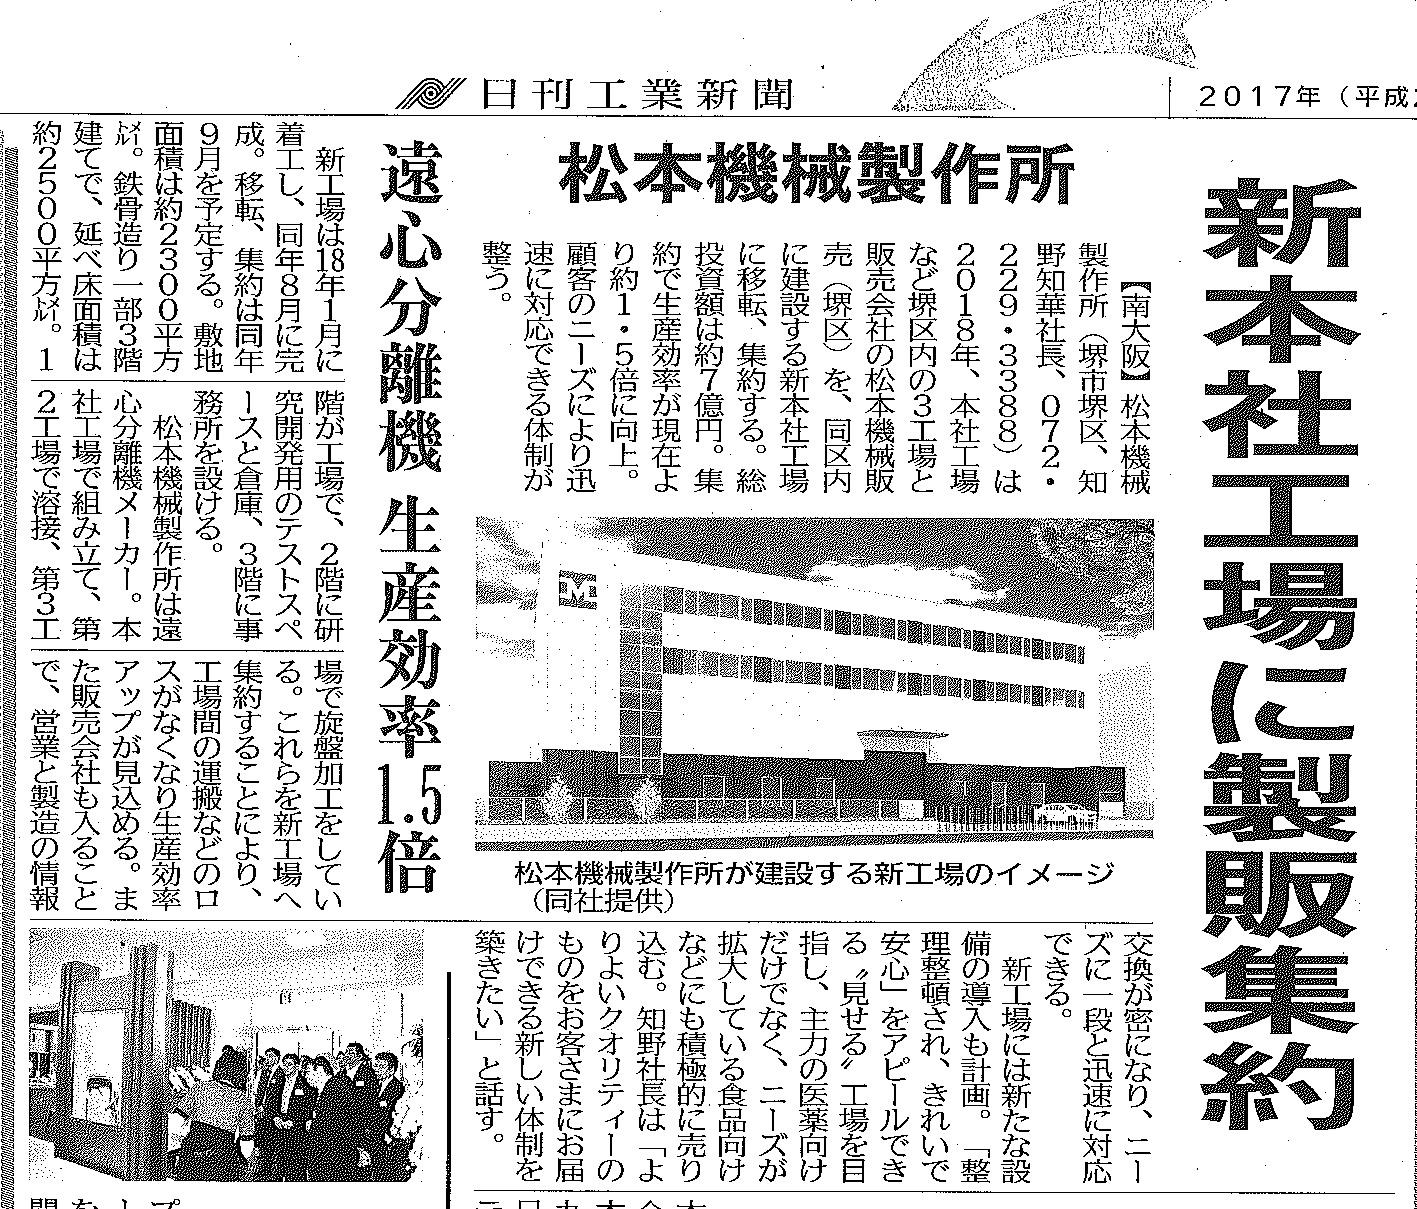 20170524日刊工業新聞 新工場建設